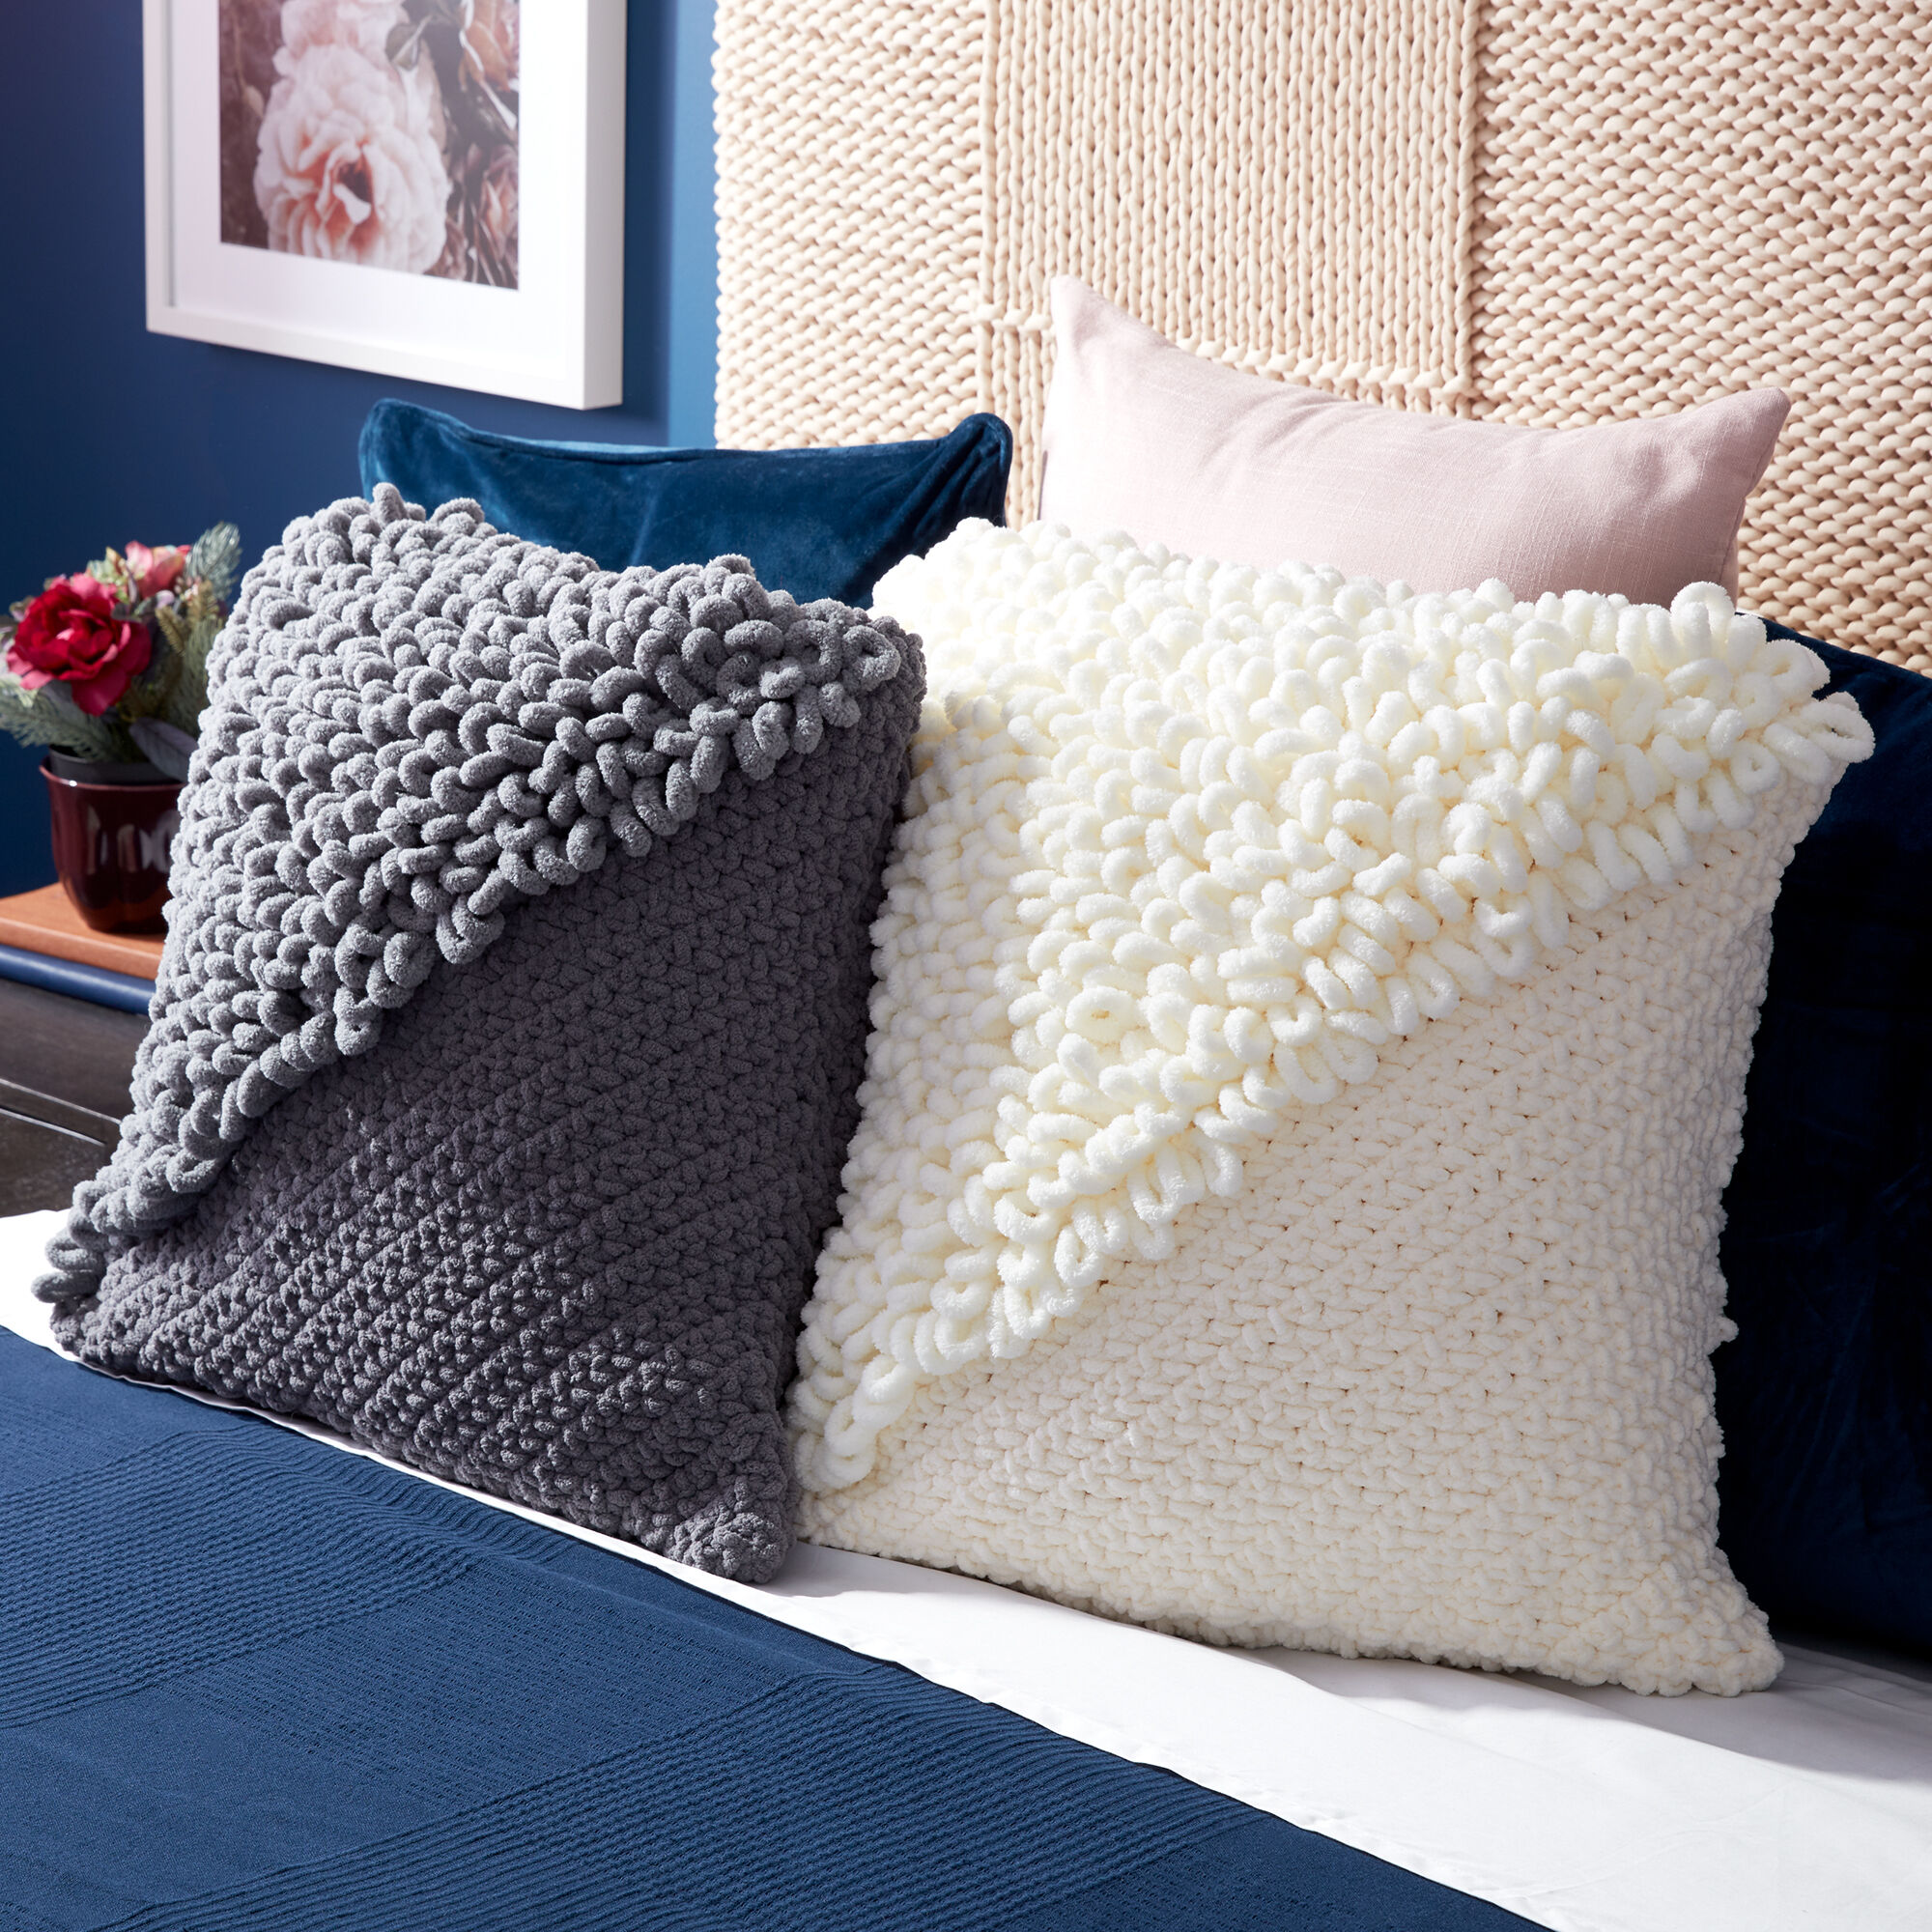 Bernat Alize Loopy Corner Crochet Pattern Pillow